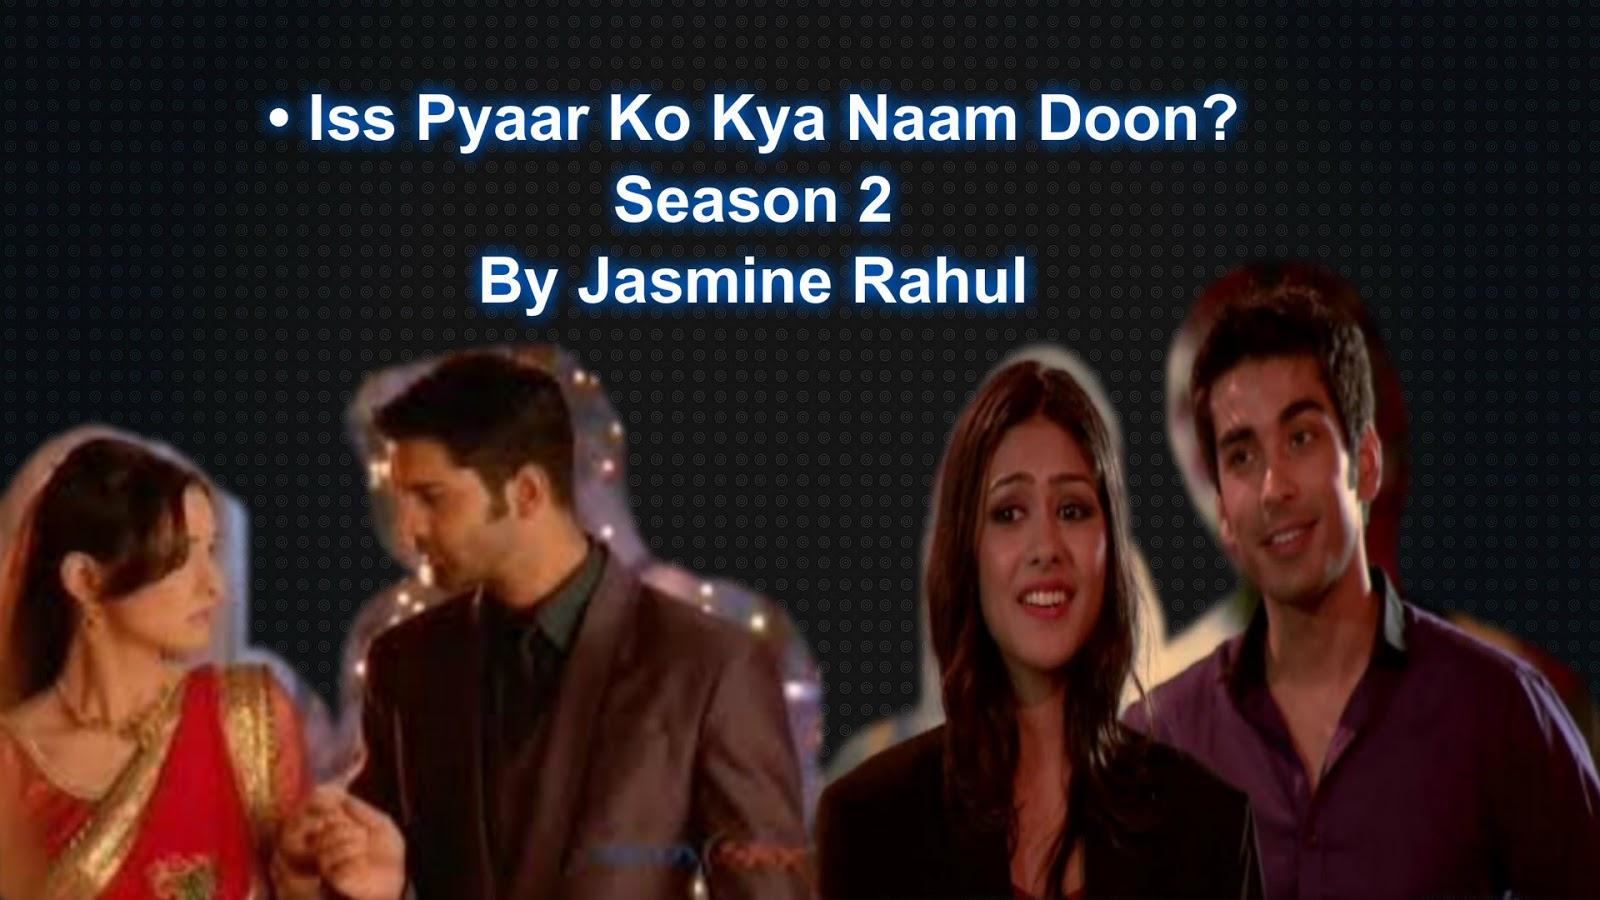 Is Pyaar Ko Kya Naam Doon Season 2